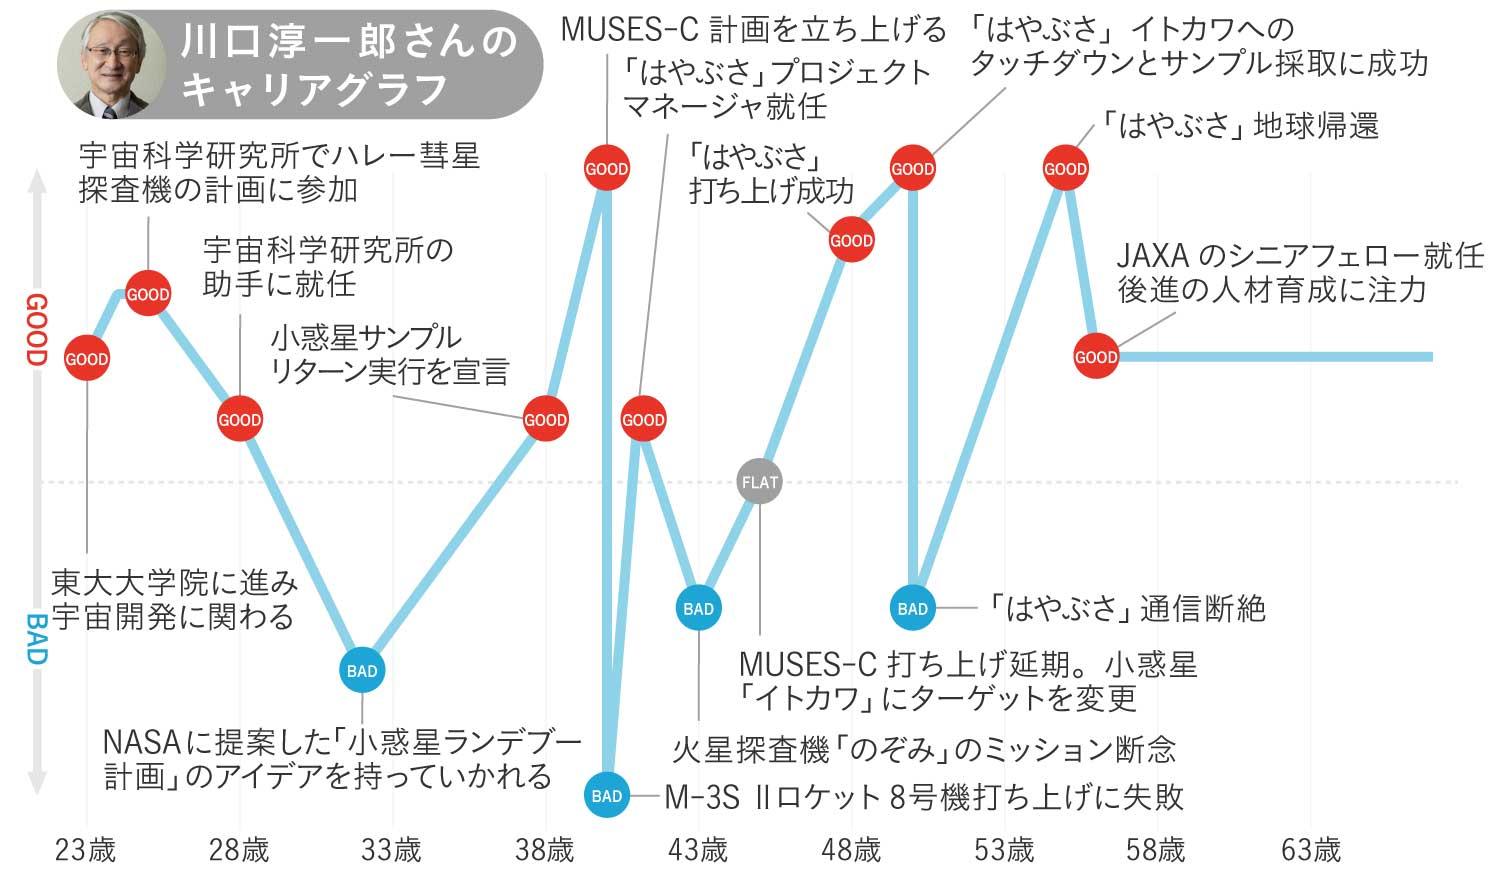 川口淳一郎さんのキャリアグラフ1